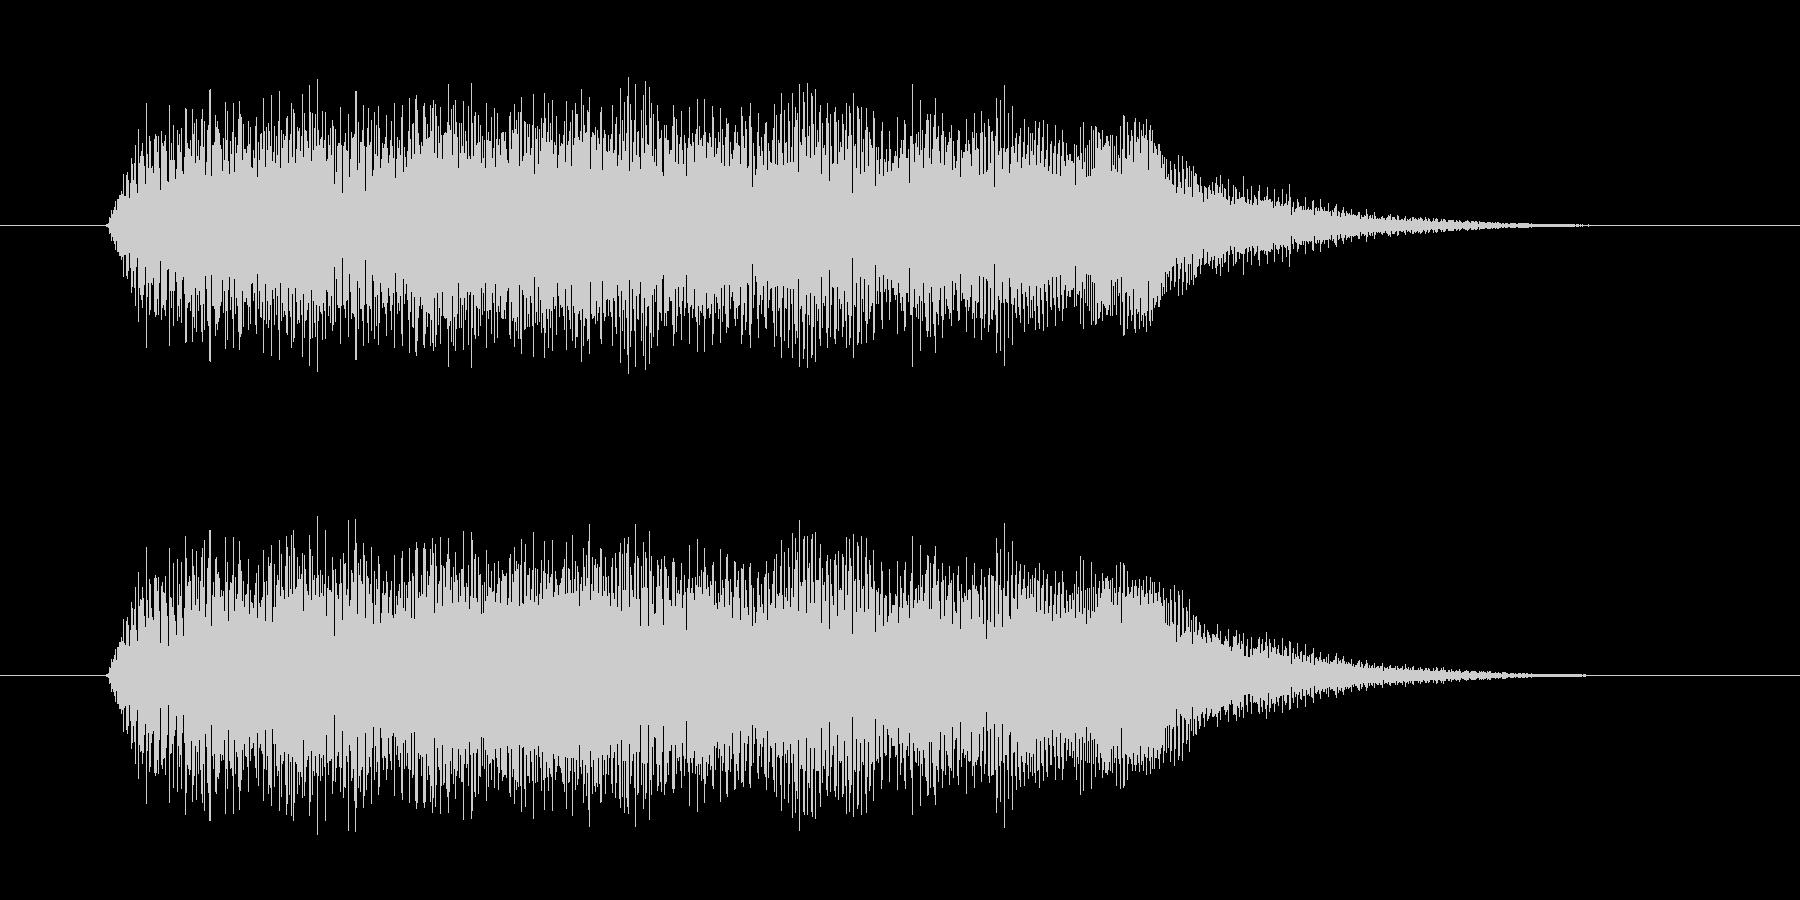 透明感のあるシンセ音(不思議、神秘的)の未再生の波形